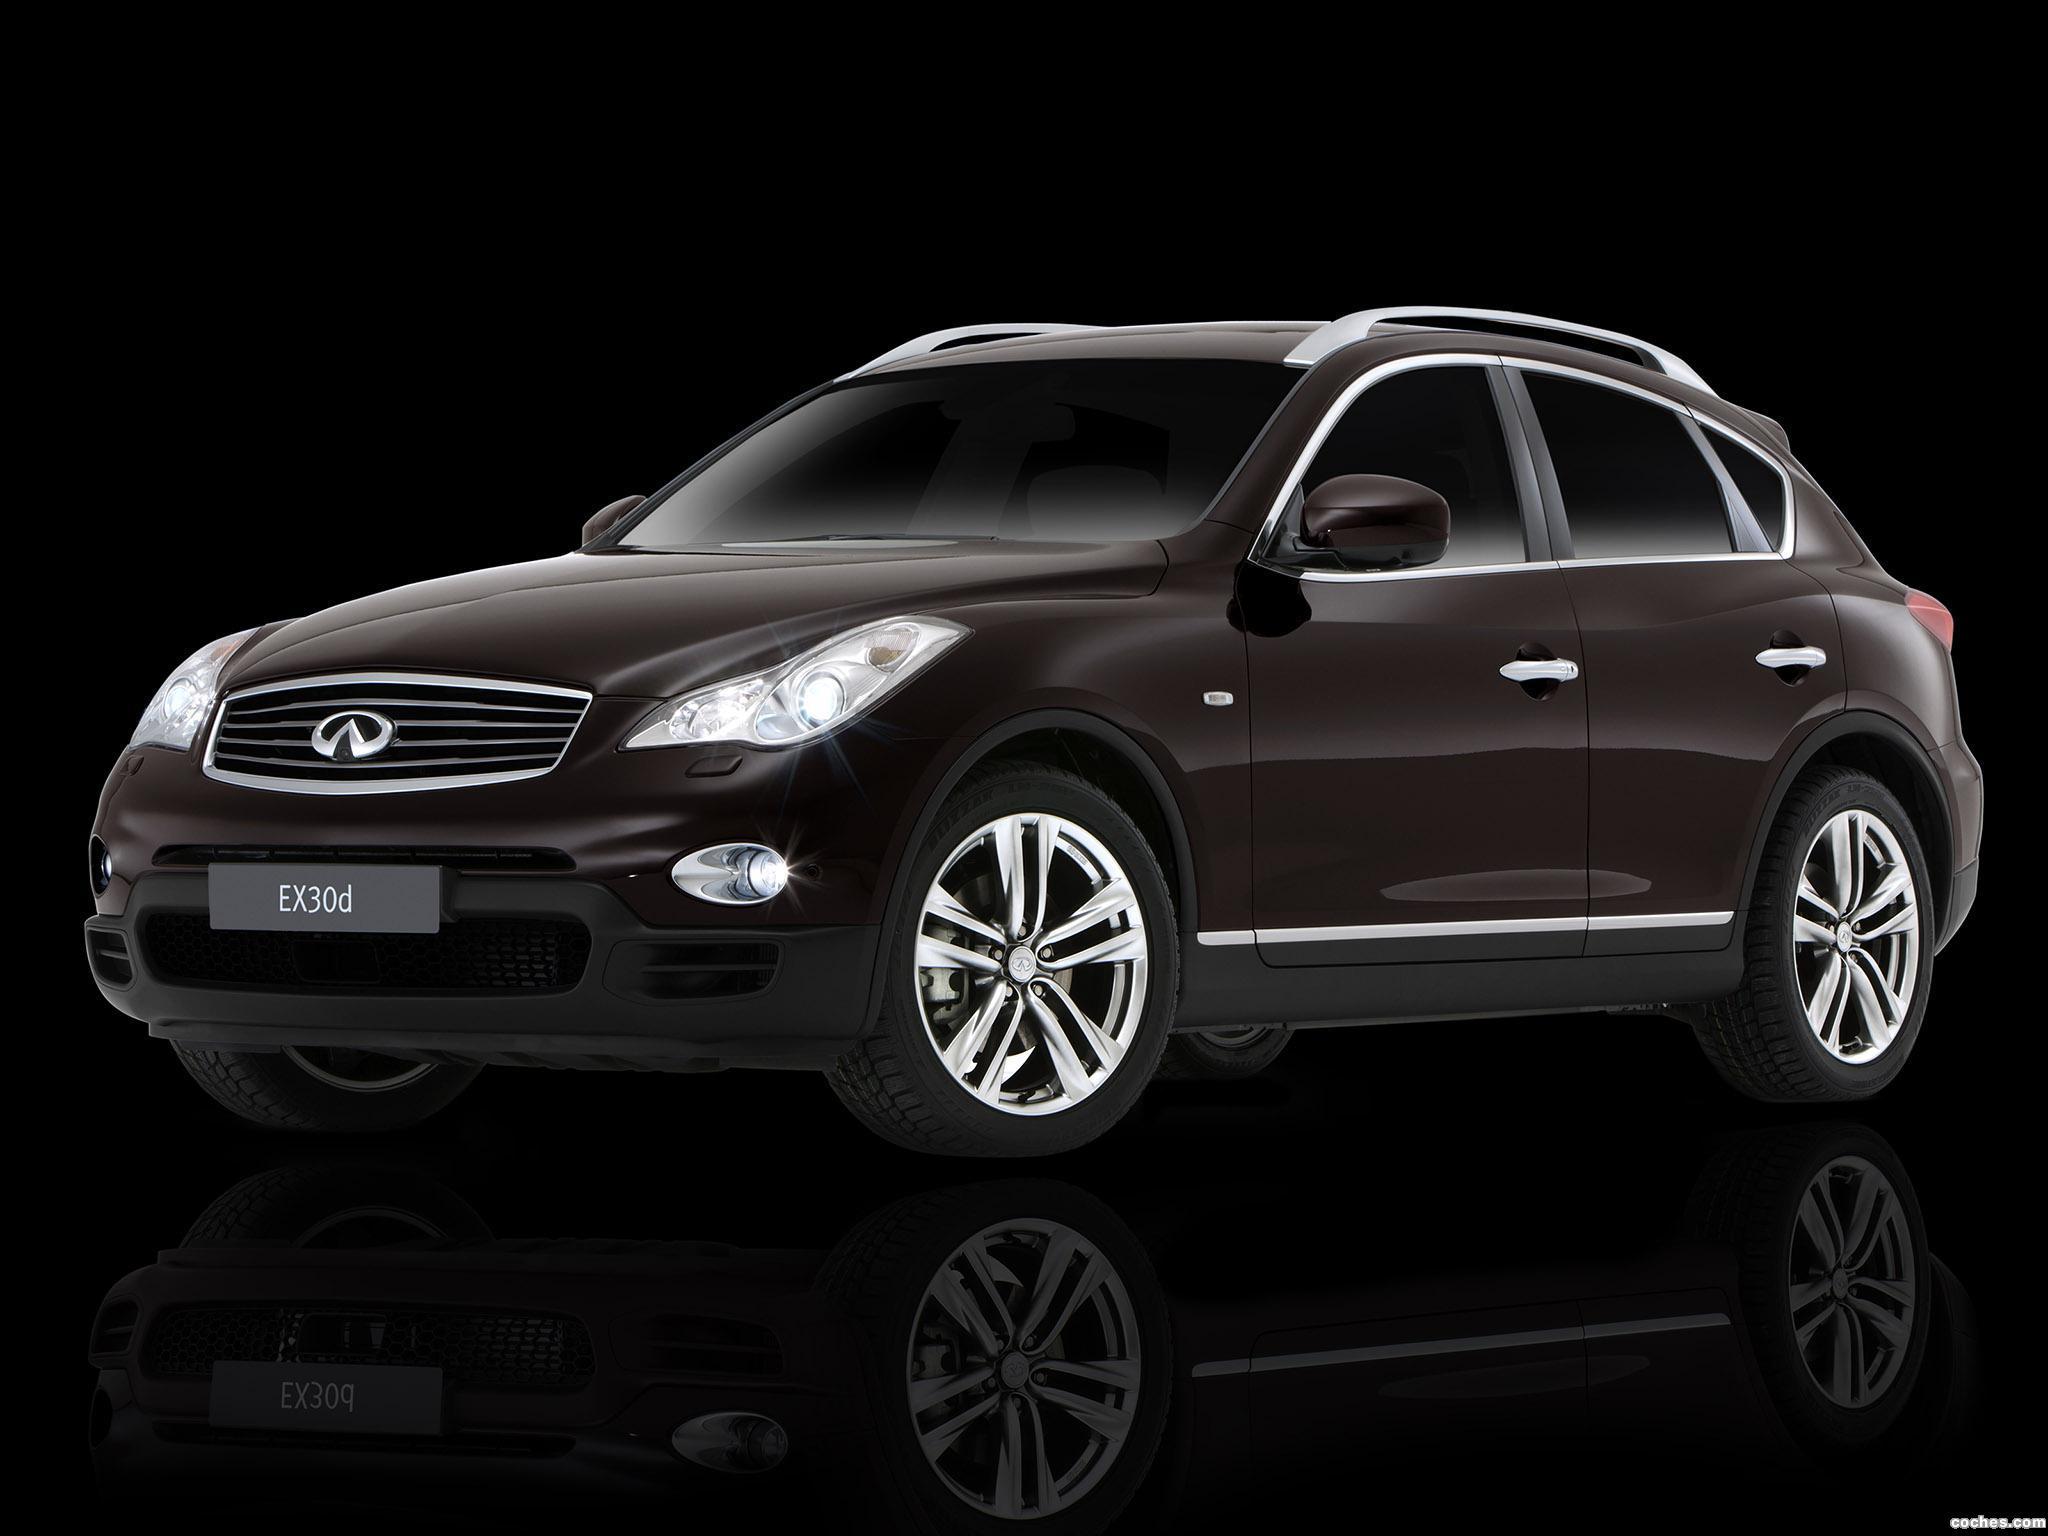 Foto 0 de Infiniti EX30d Black Premium 2011